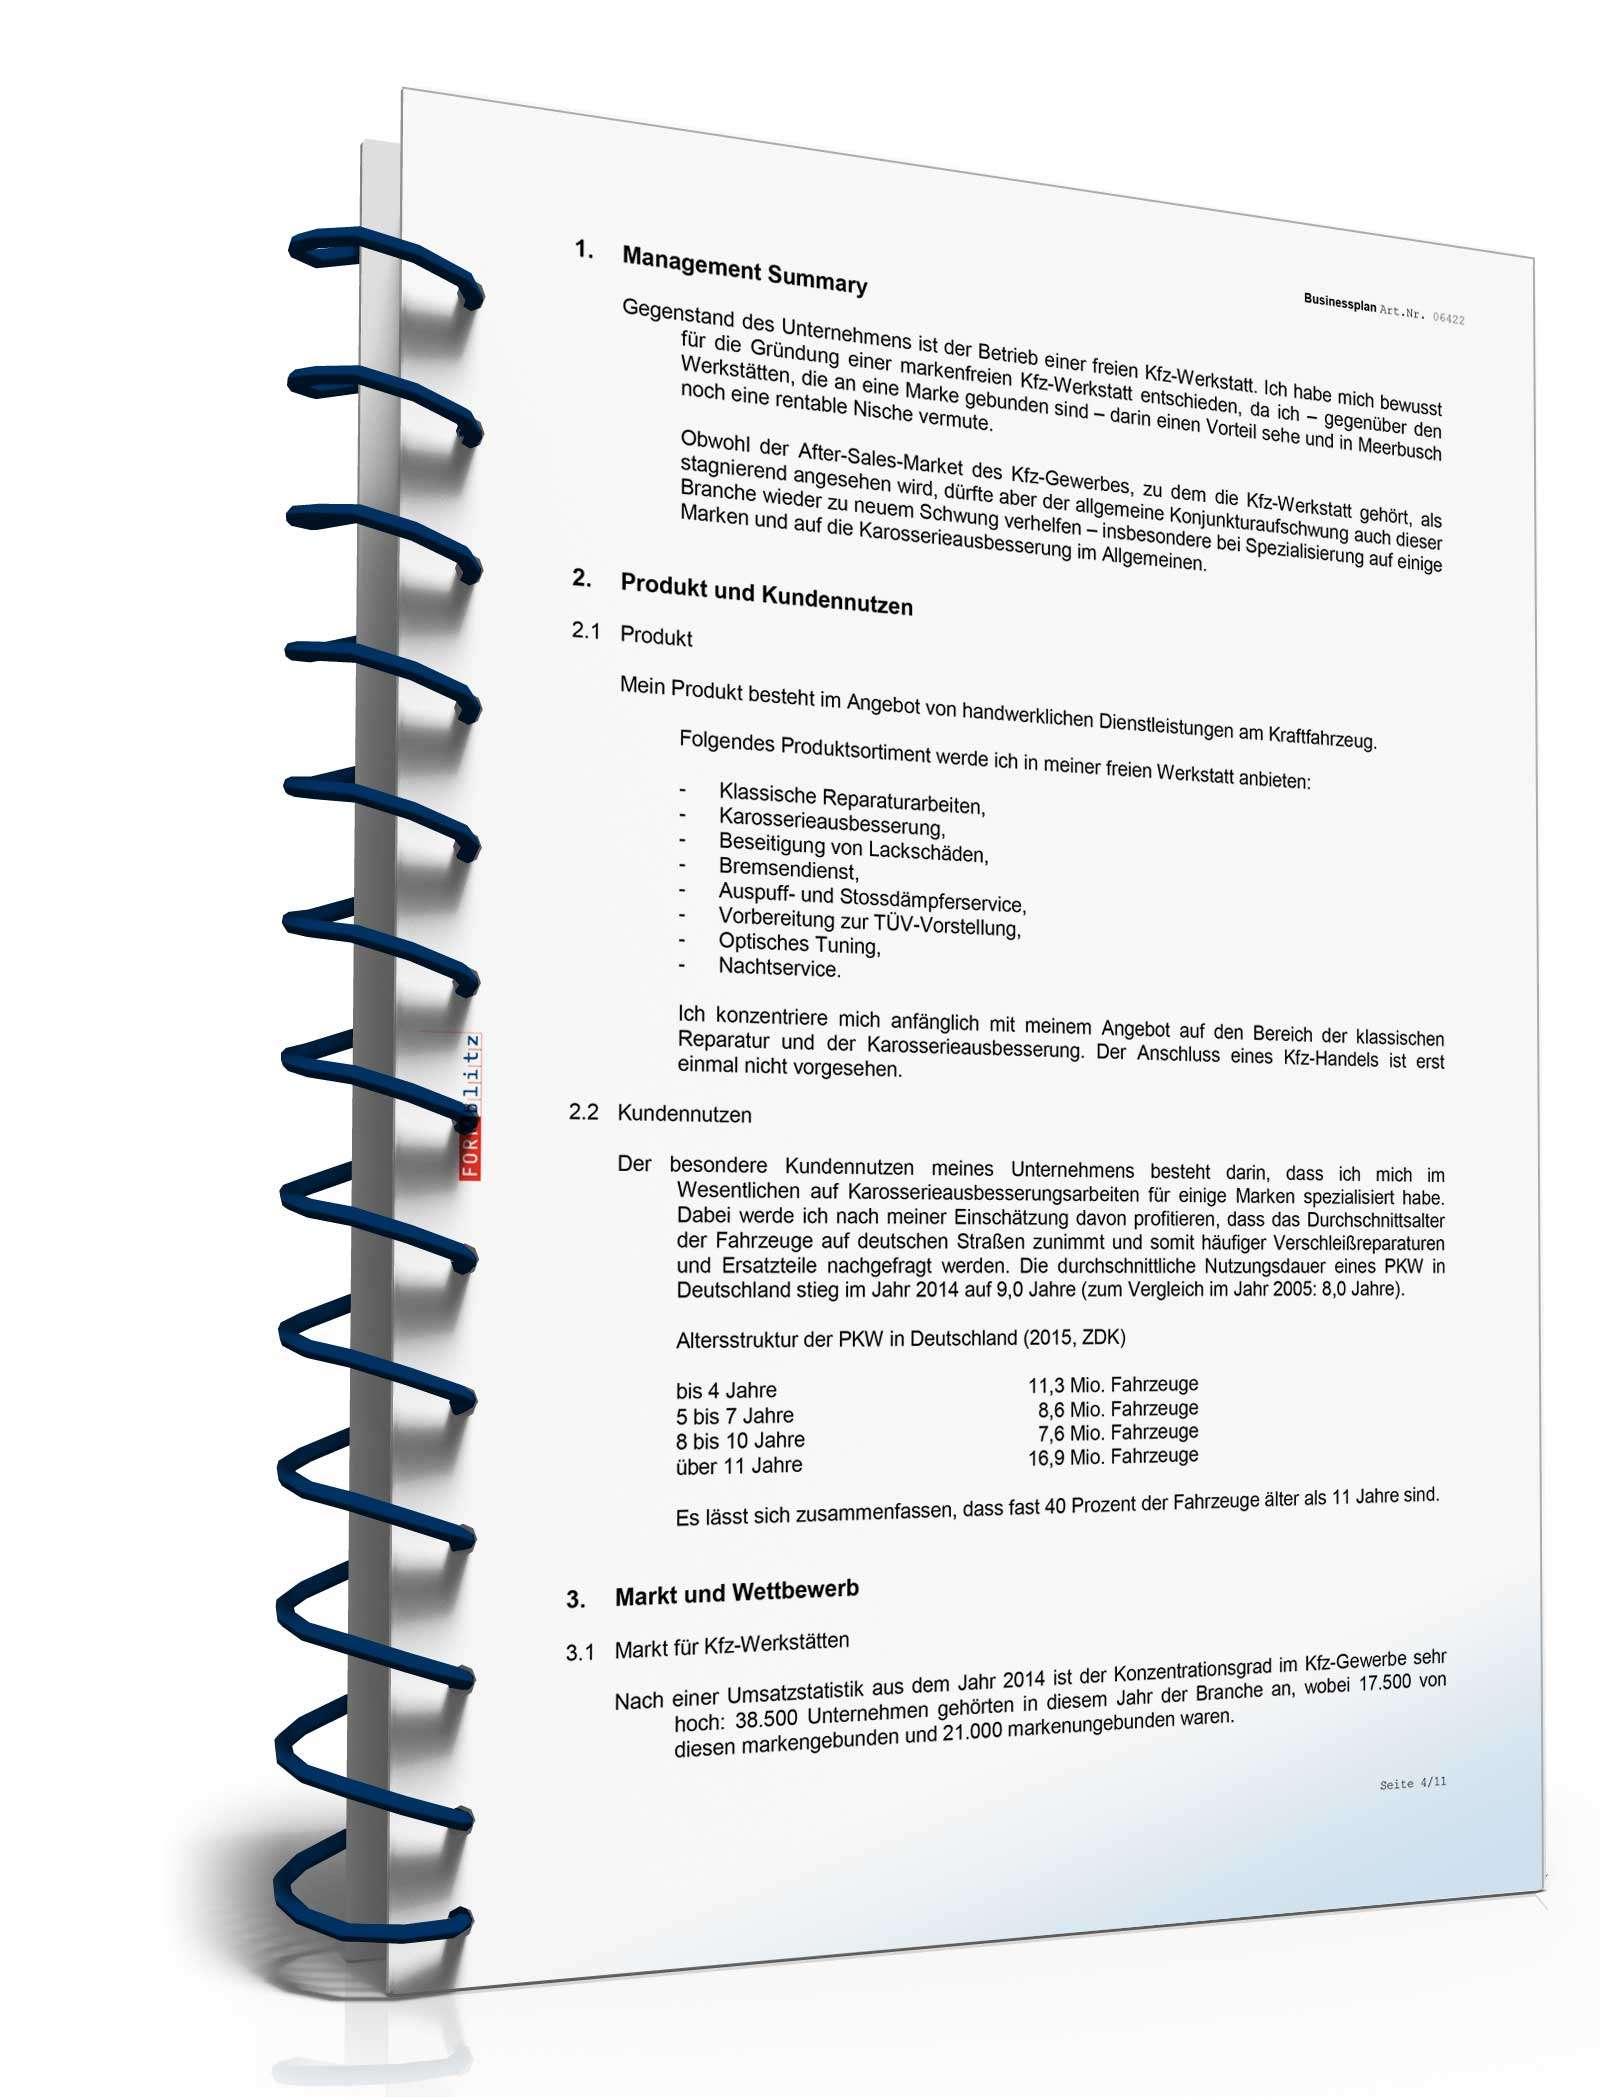 Beispiel Businessplan Vorlage Existenzgründung Kfz-Werkstatt //-Service inkl